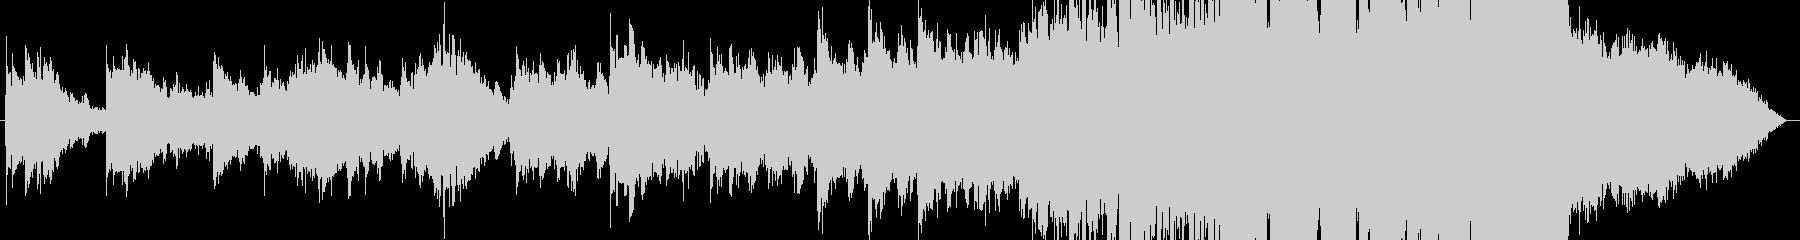 モダン 交響曲 室内楽 実験的 感...の未再生の波形